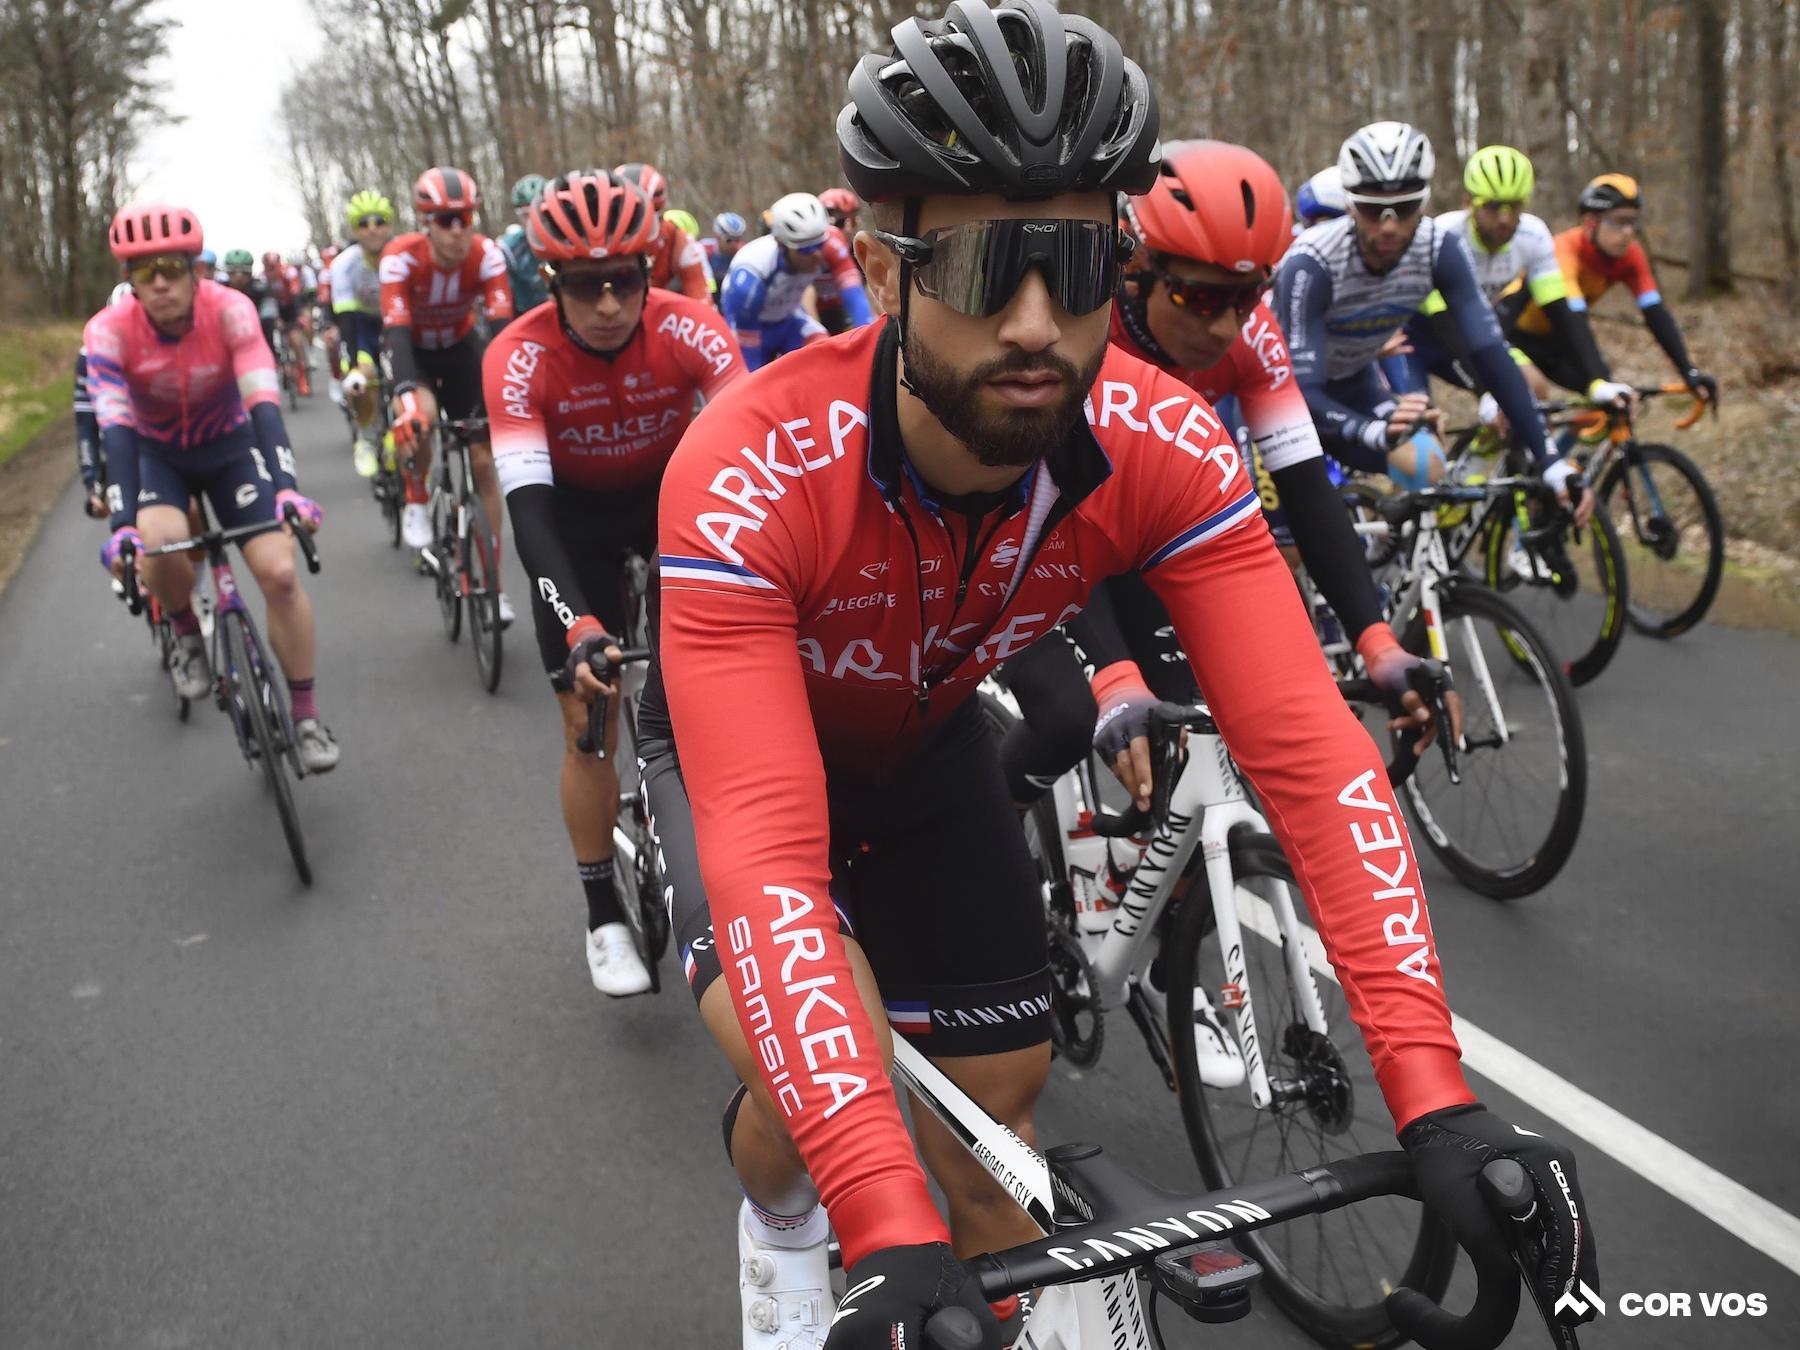 L'UCI condanna gli abusi razzisti contro Bouhanni